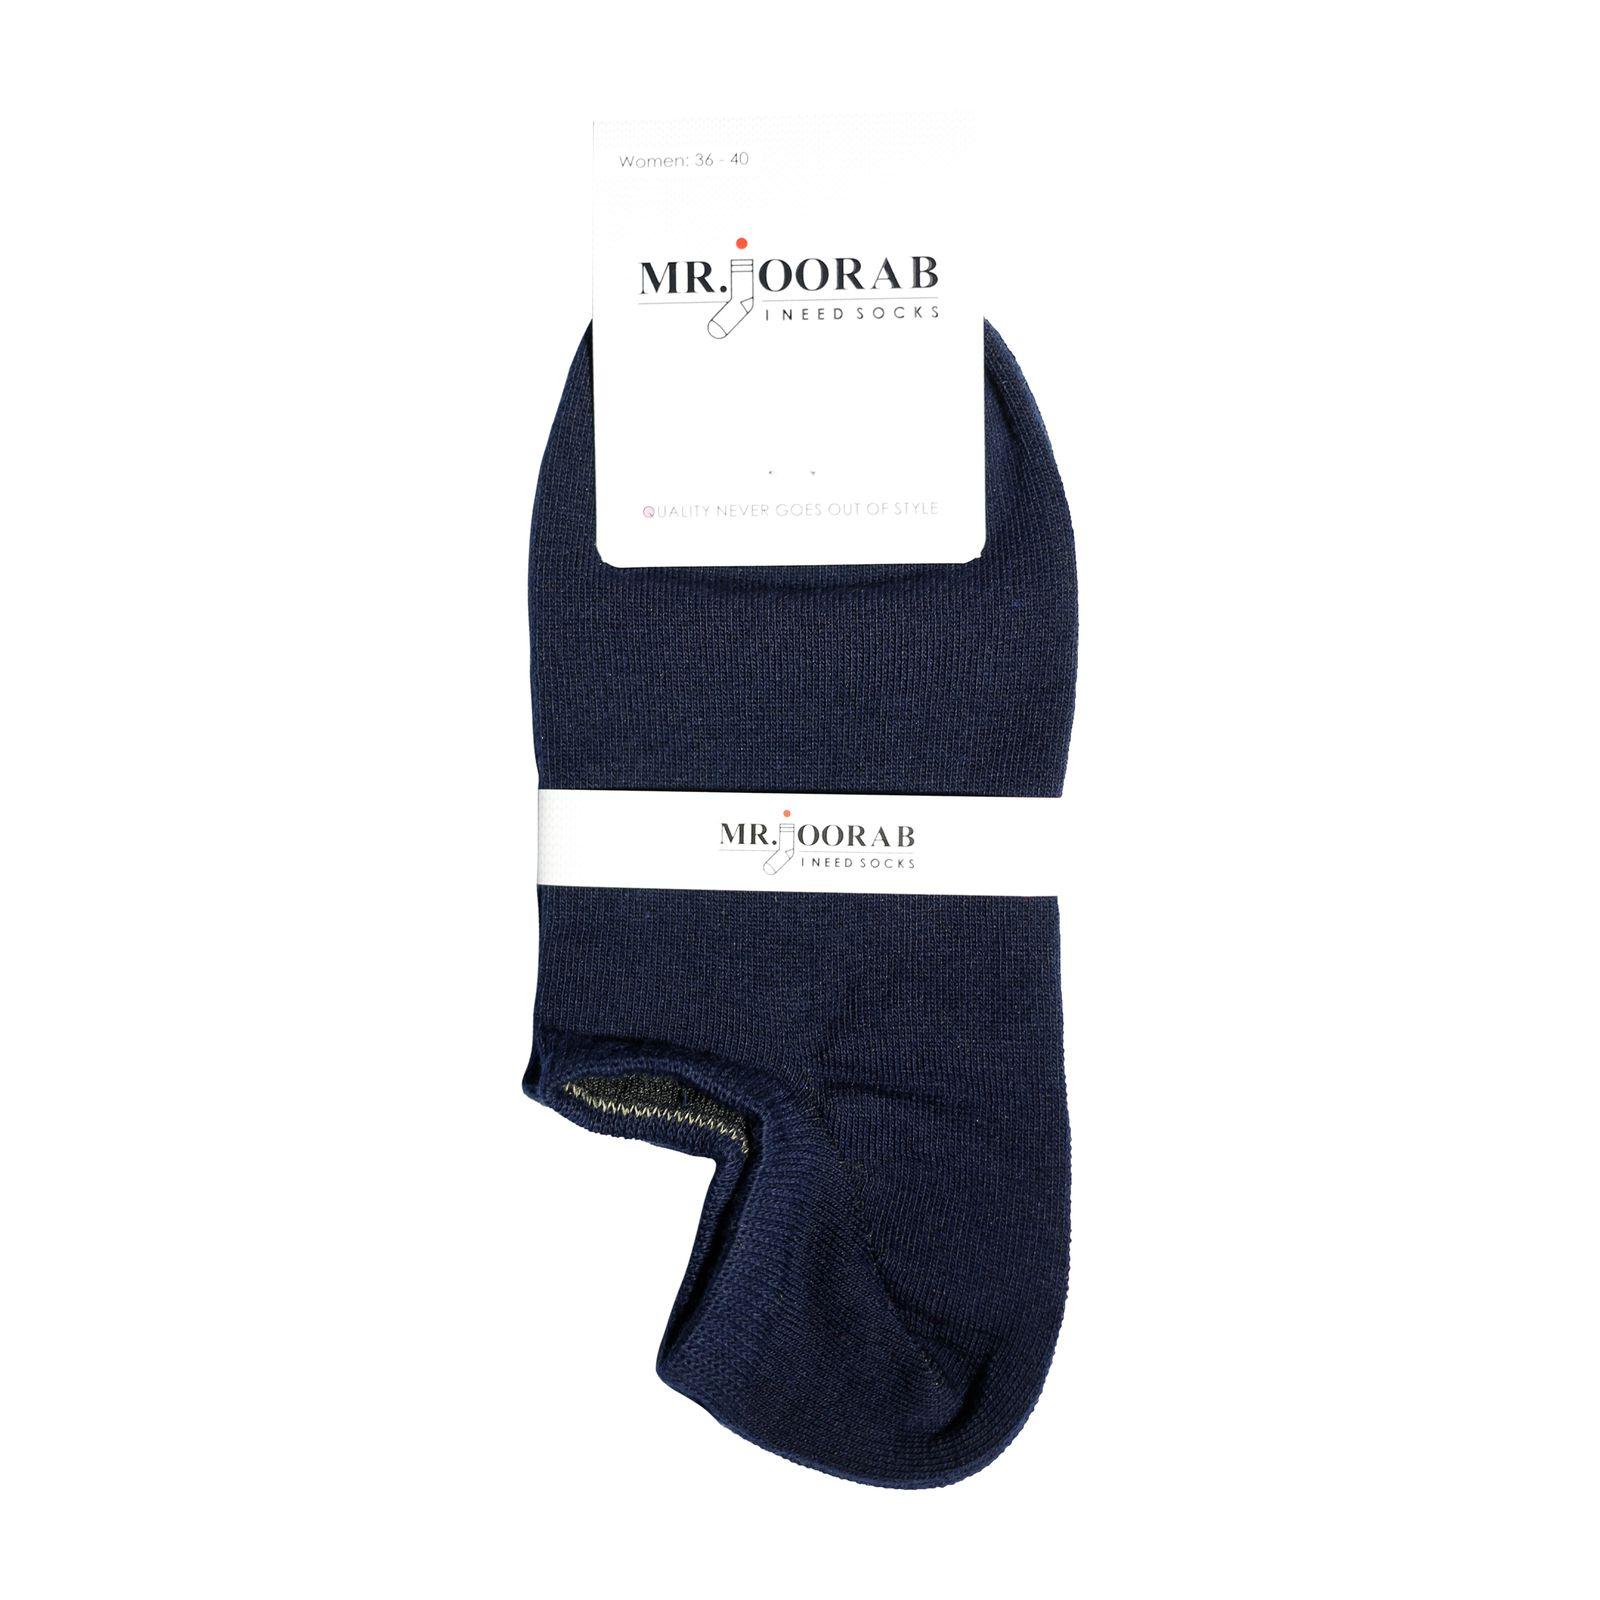 جوراب زنانه مستر جوراب کد BL-MRM 214 بسته 6 عددی -  - 3